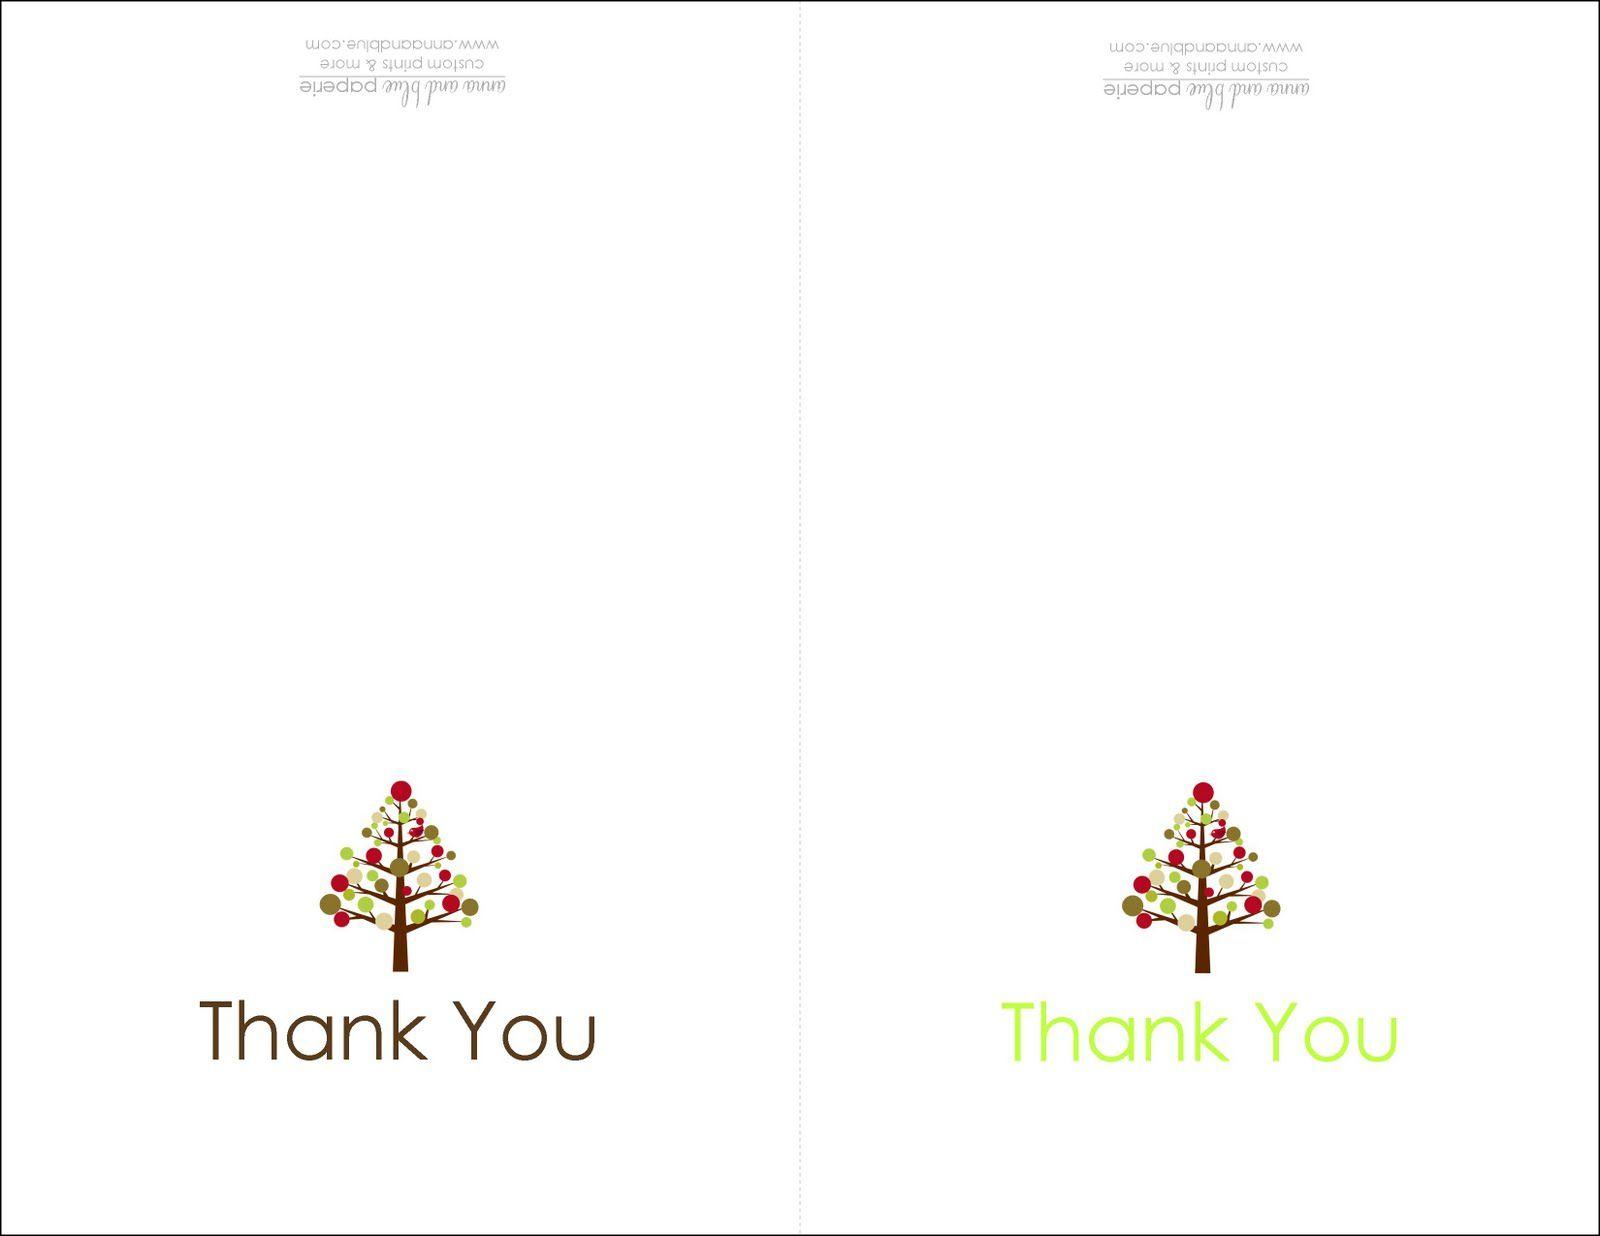 Thank You Cards Printable | Printable - Free Printable Custom Thank You Cards